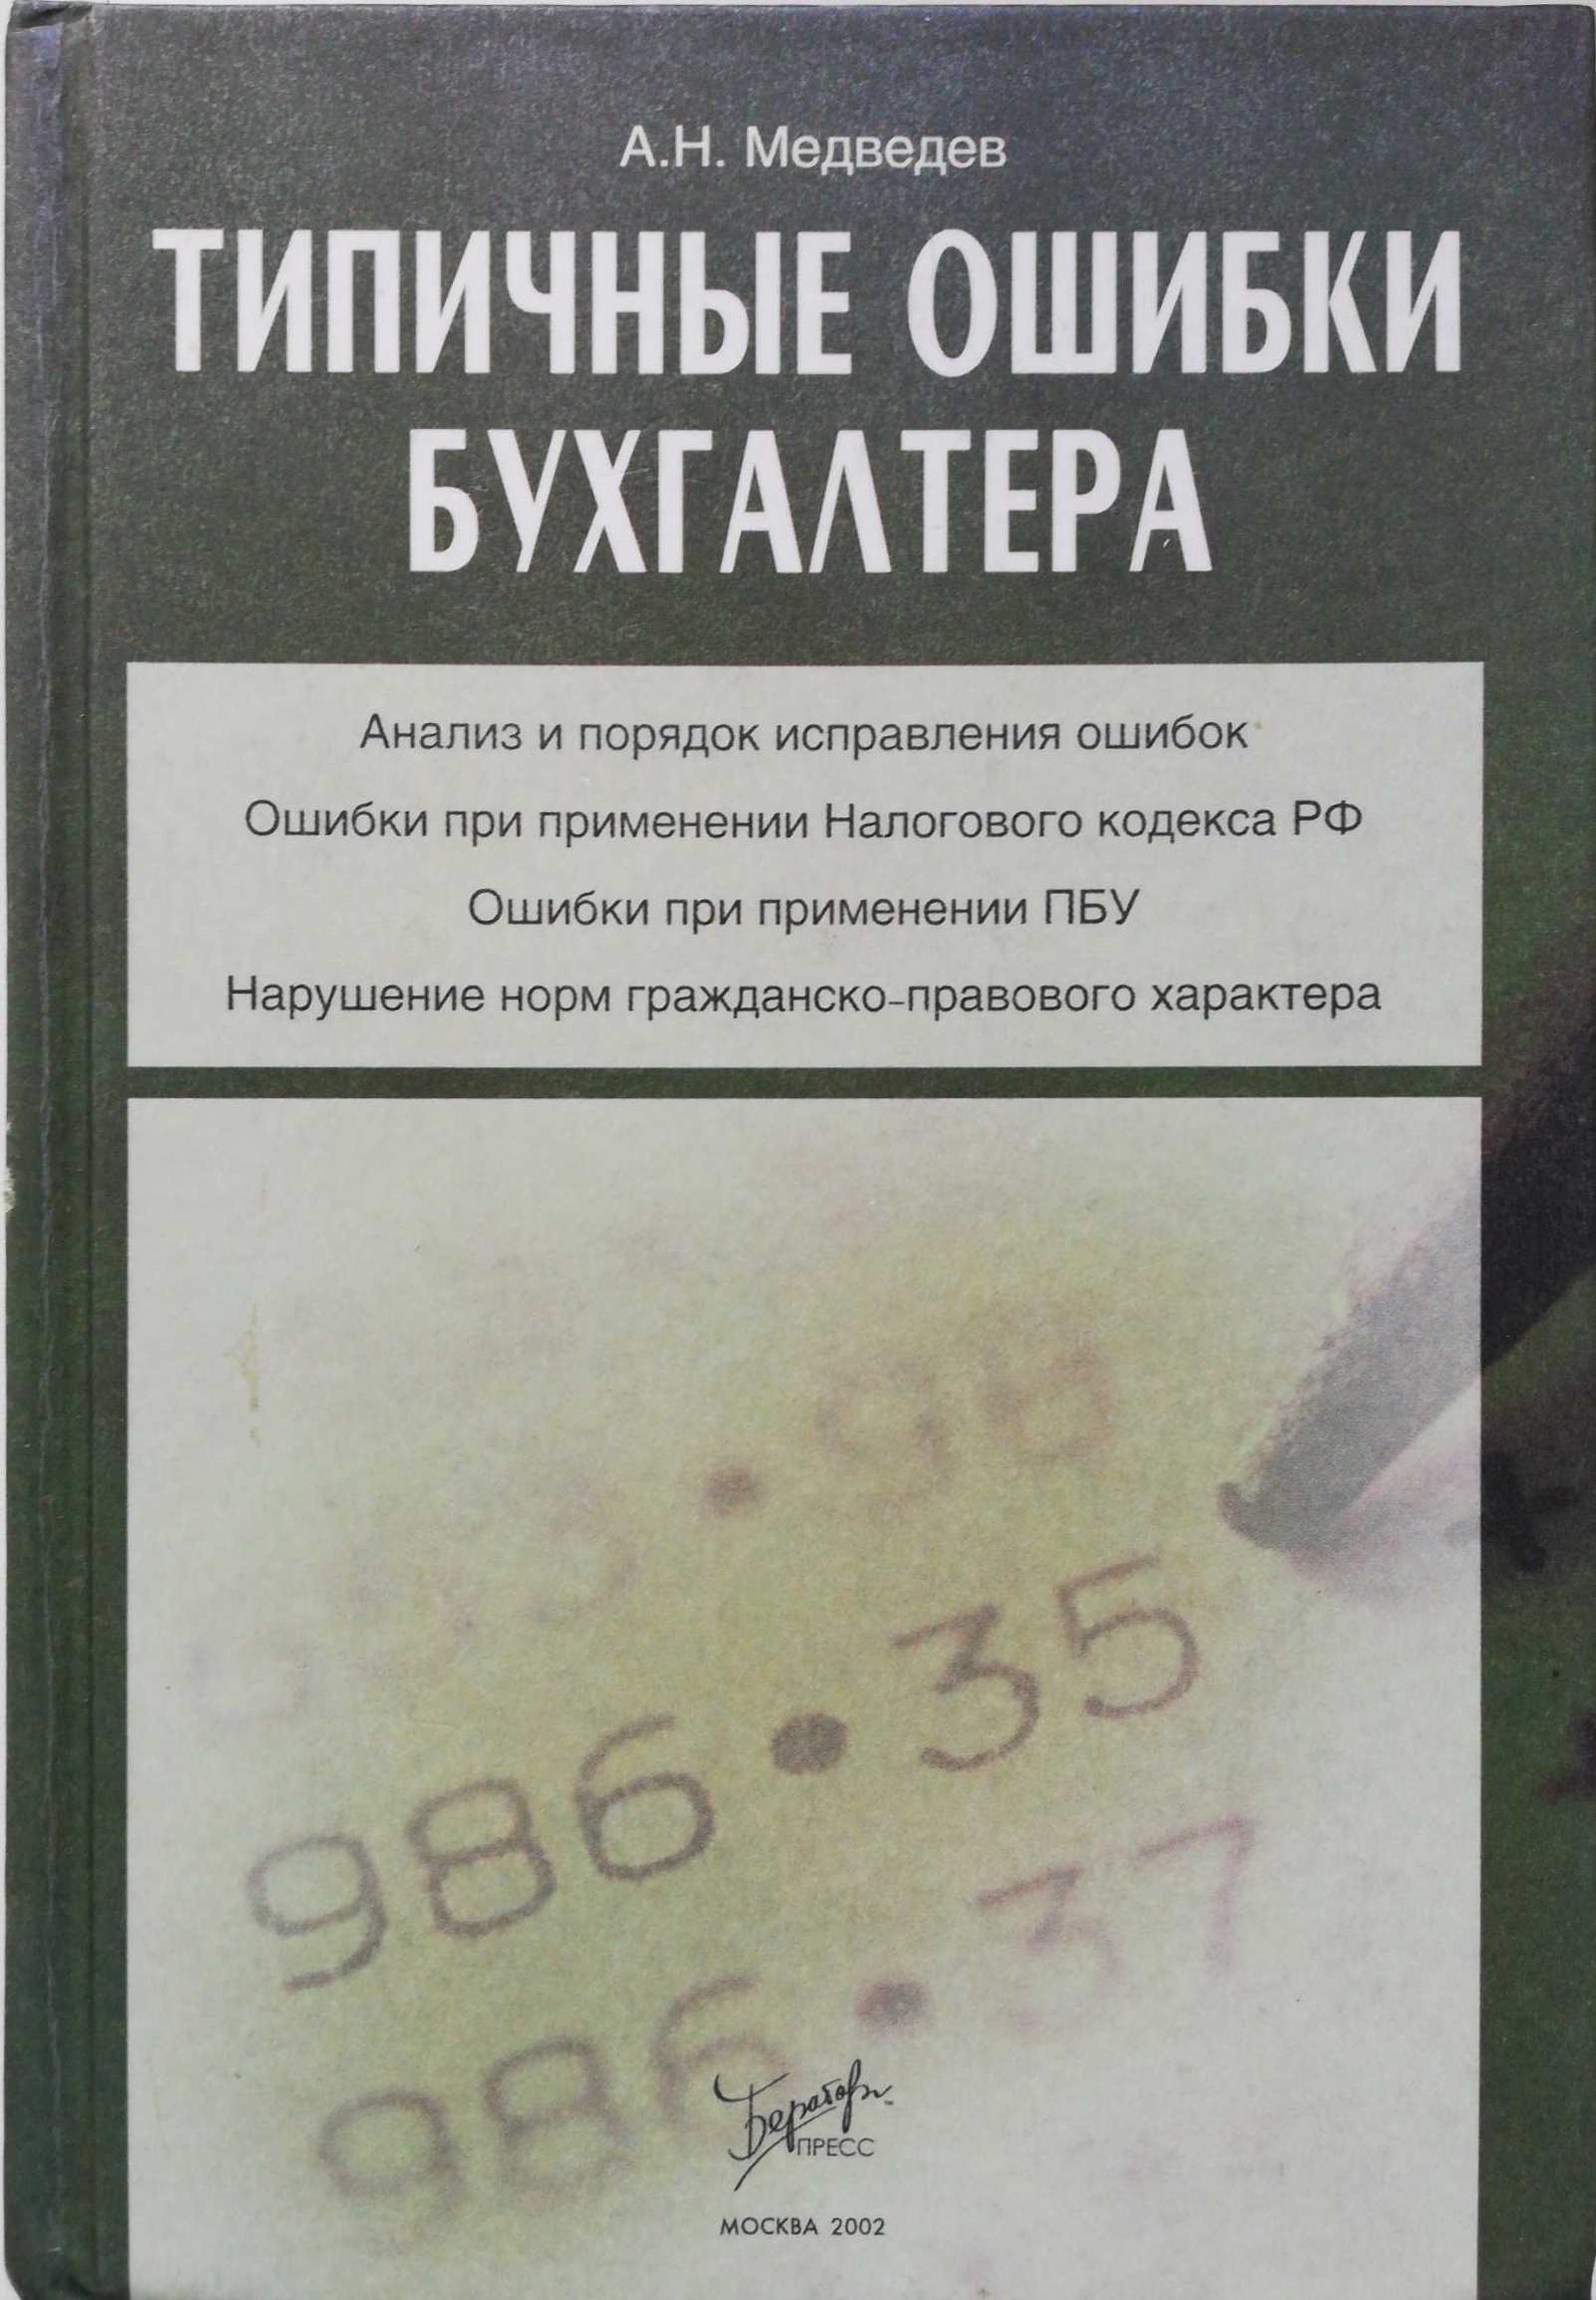 А.Н.Медведев Типичные ошибки бухгалтера